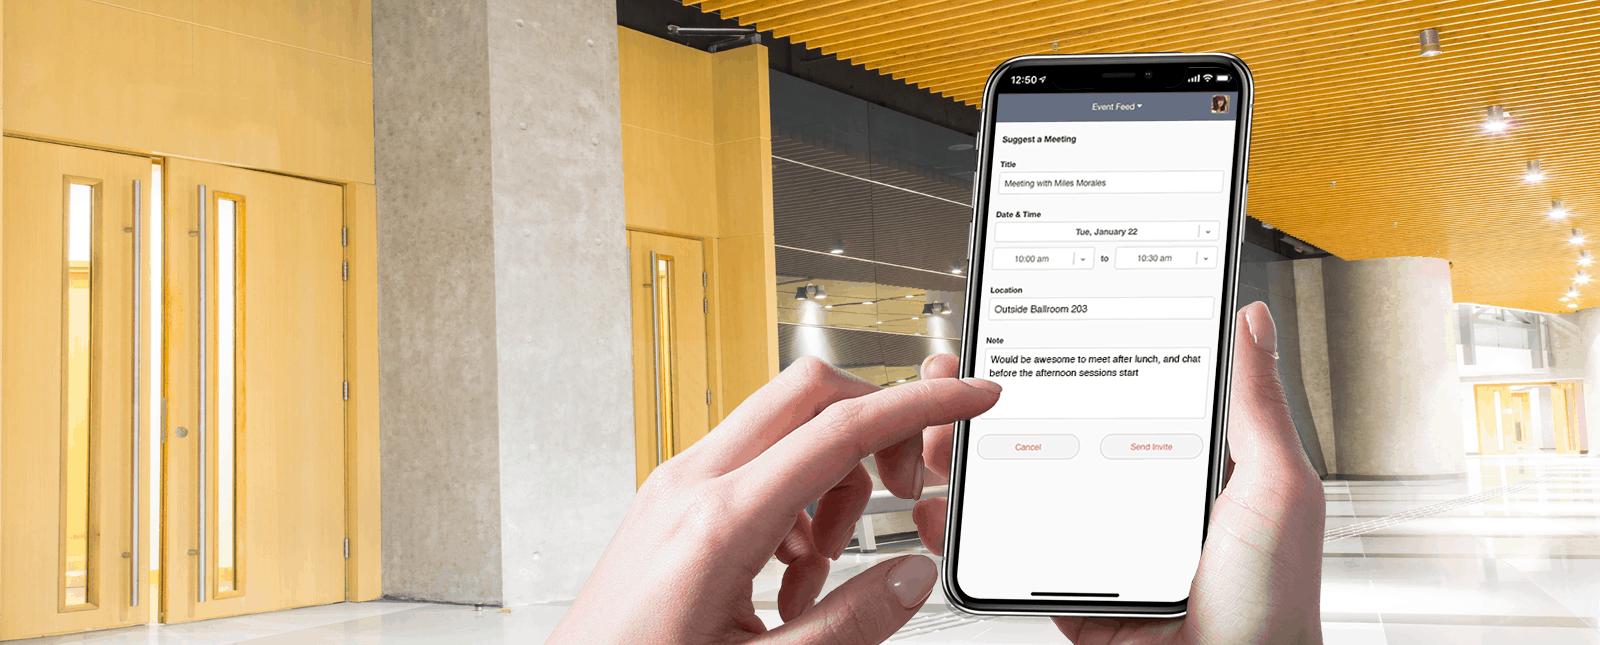 Las reservas de reuniones ya están disponible en la App de EventMobi